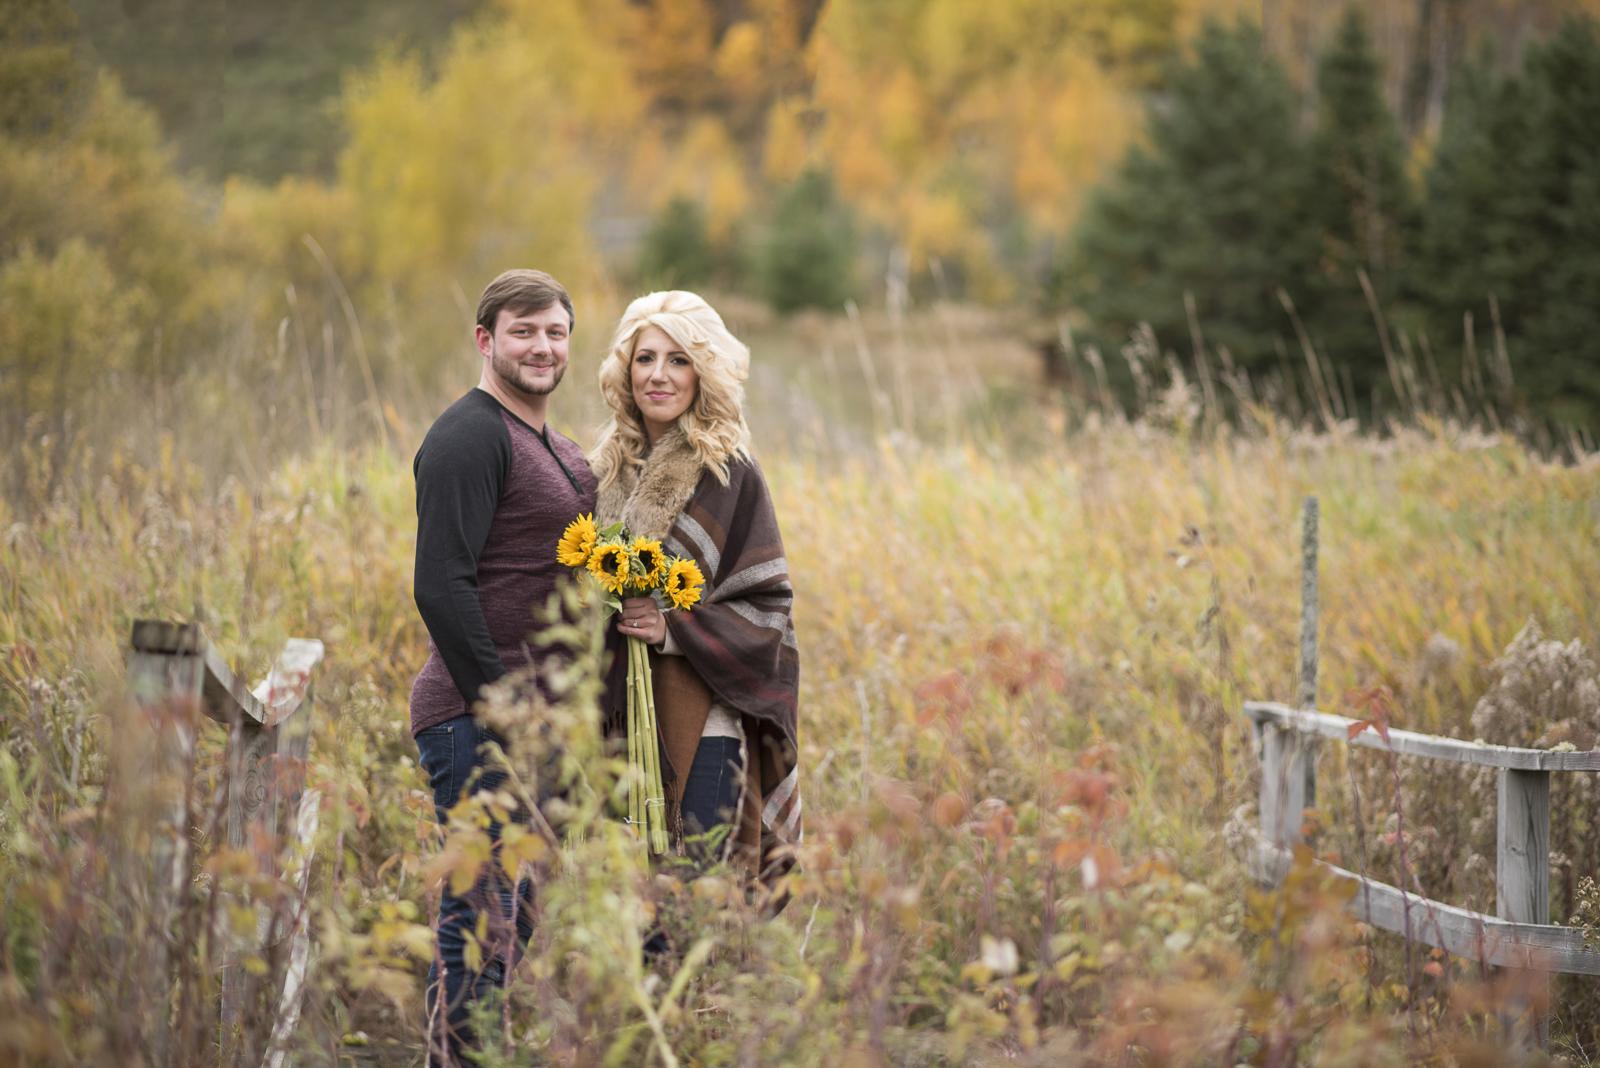 181012_L_Hayle&Kevin_EngagementShoot_DanGarrityMedia_12